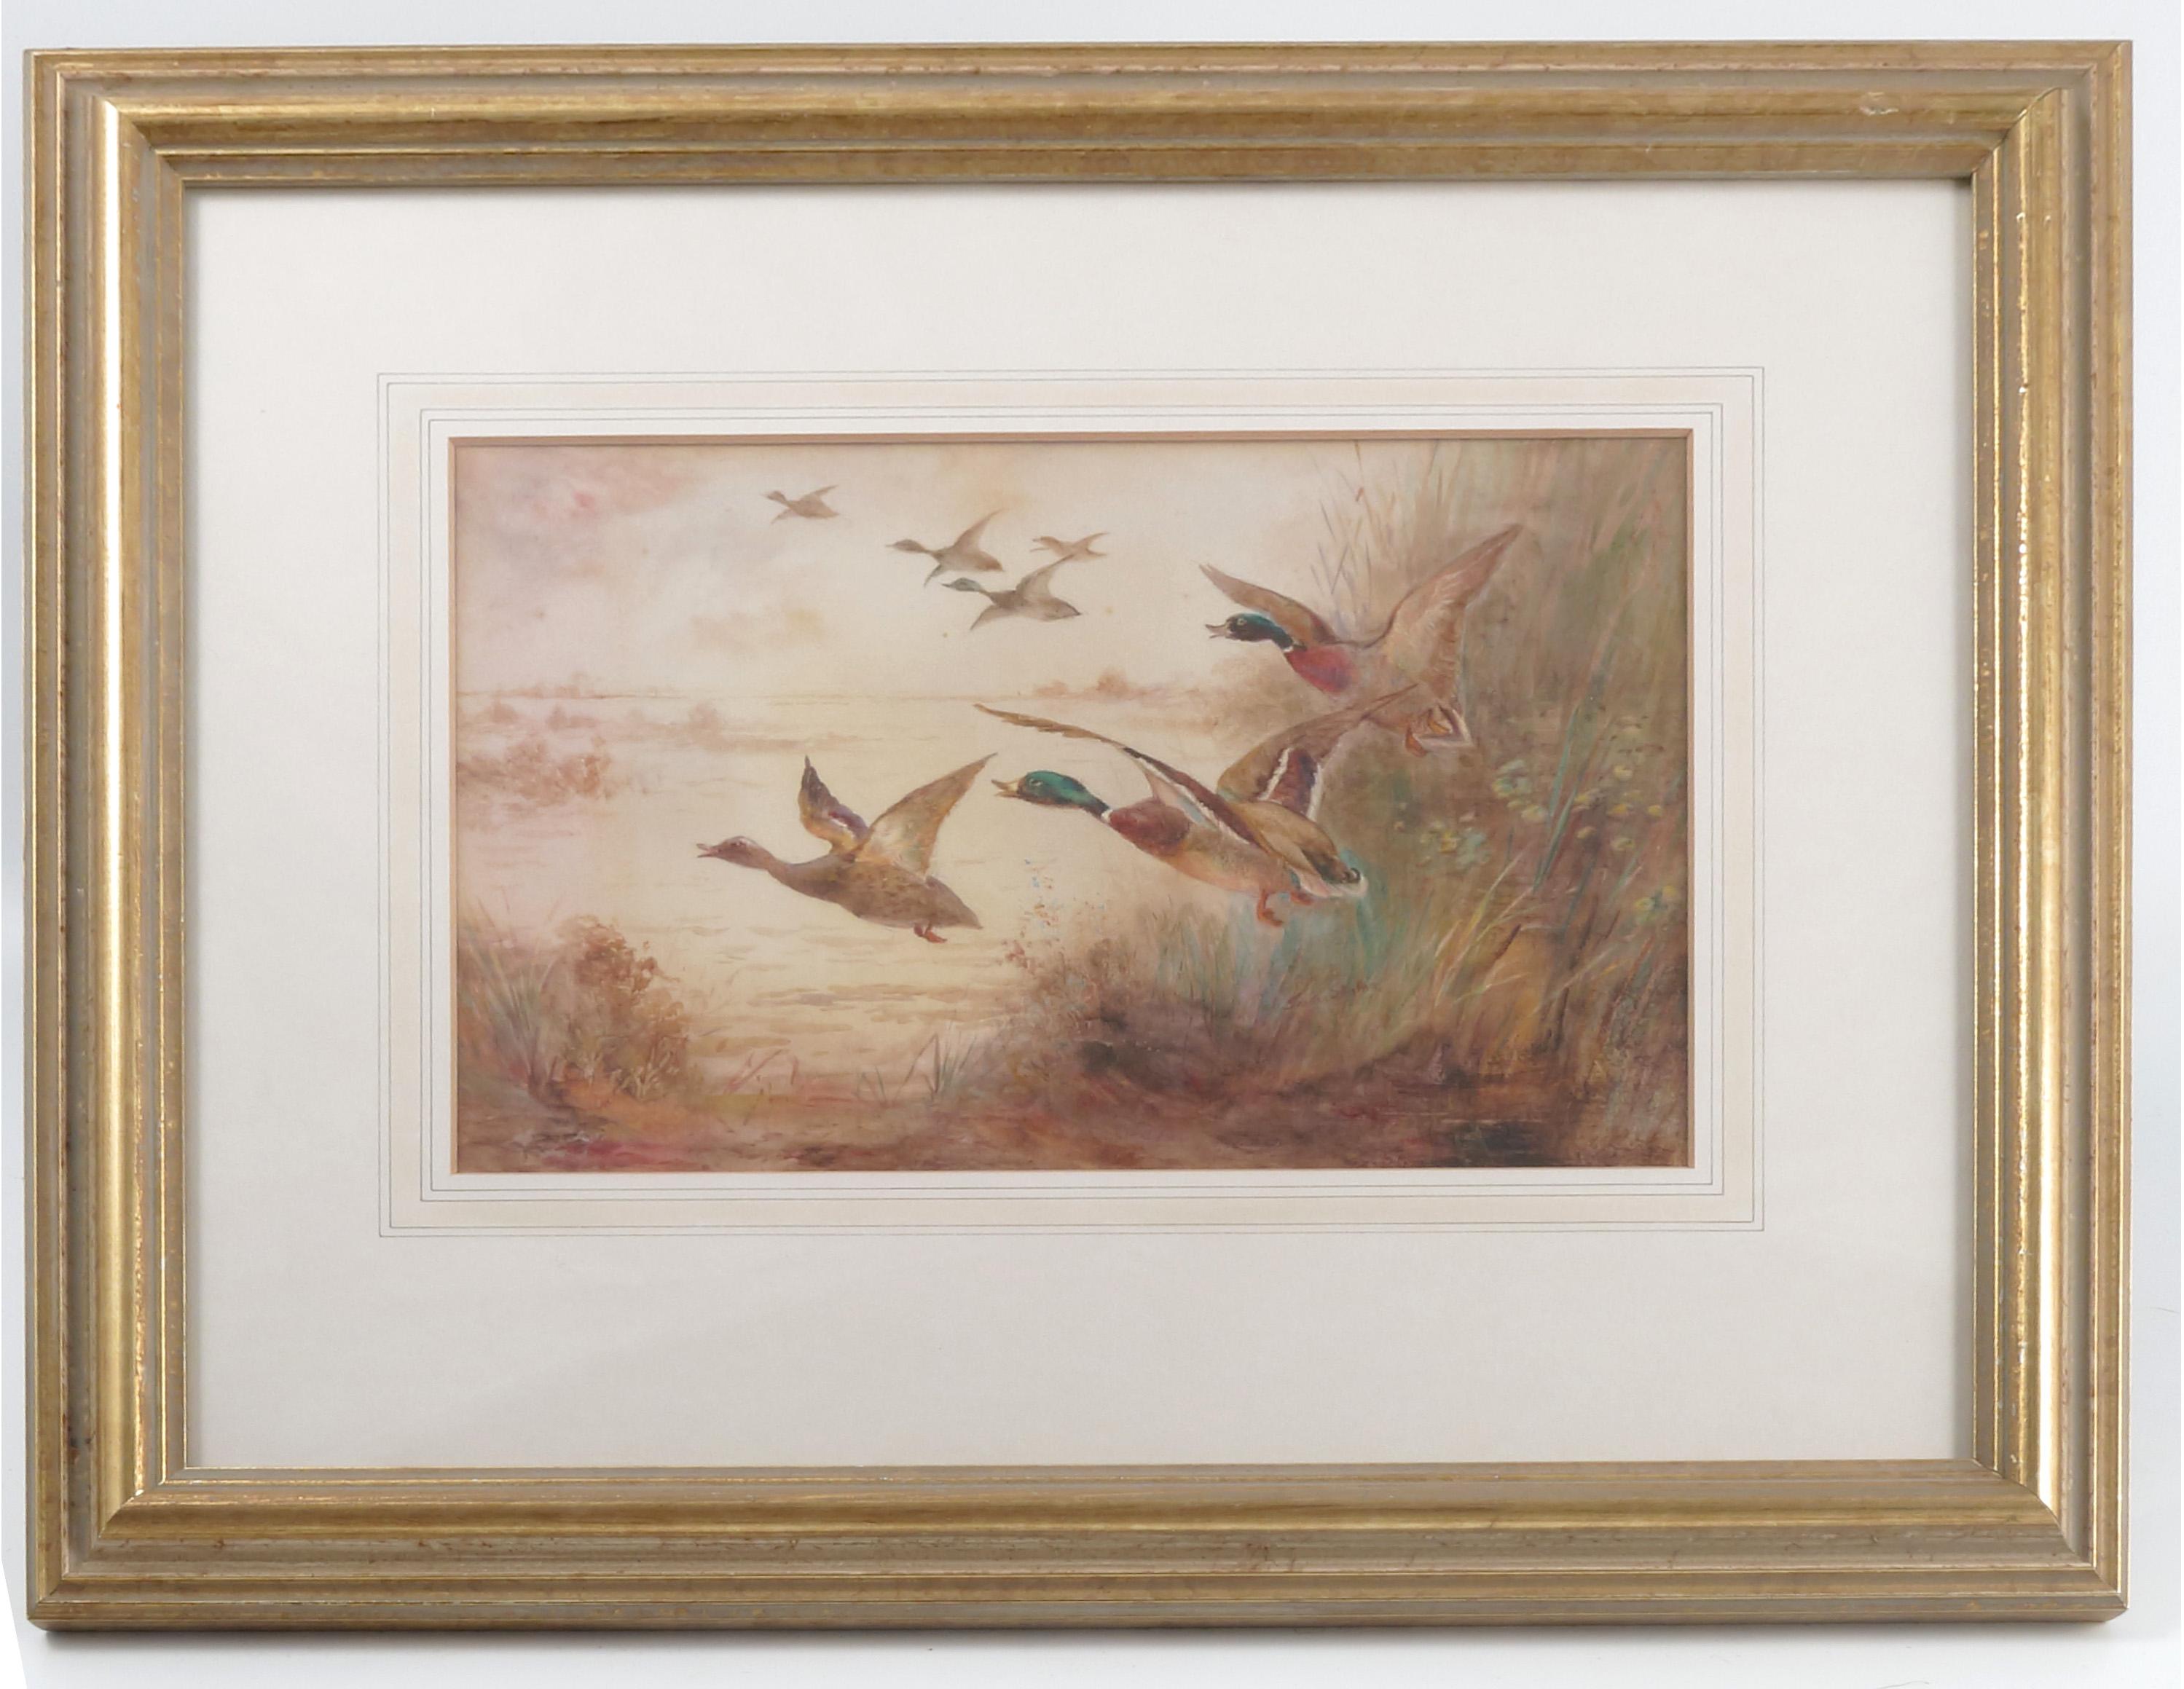 James Stinton, watercolour, mallard ducks in flight, 6.75ins x 9.